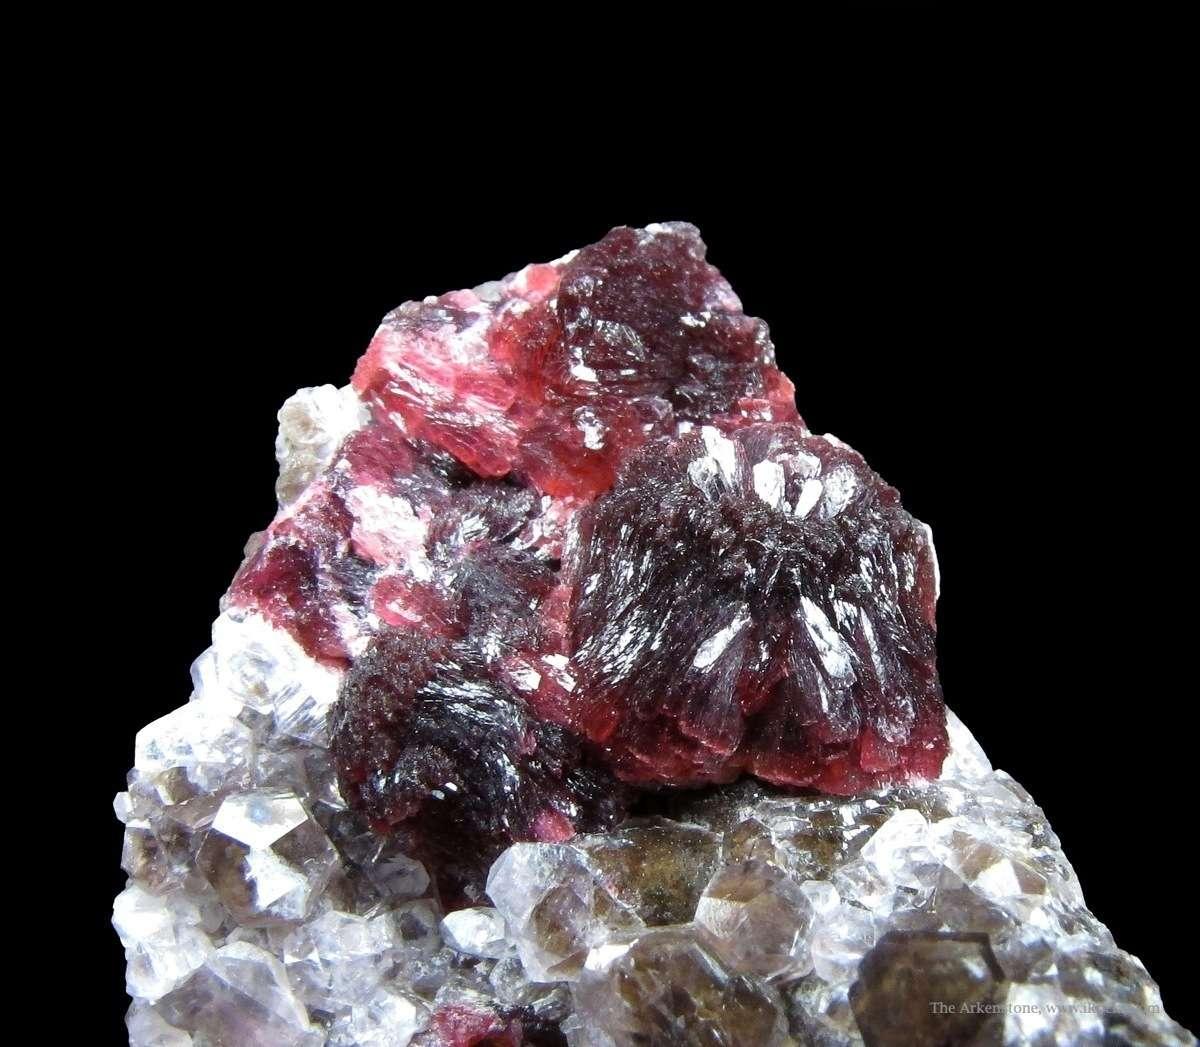 Talmessite uncommon hydrous Arsenate These spheroidal aggregates